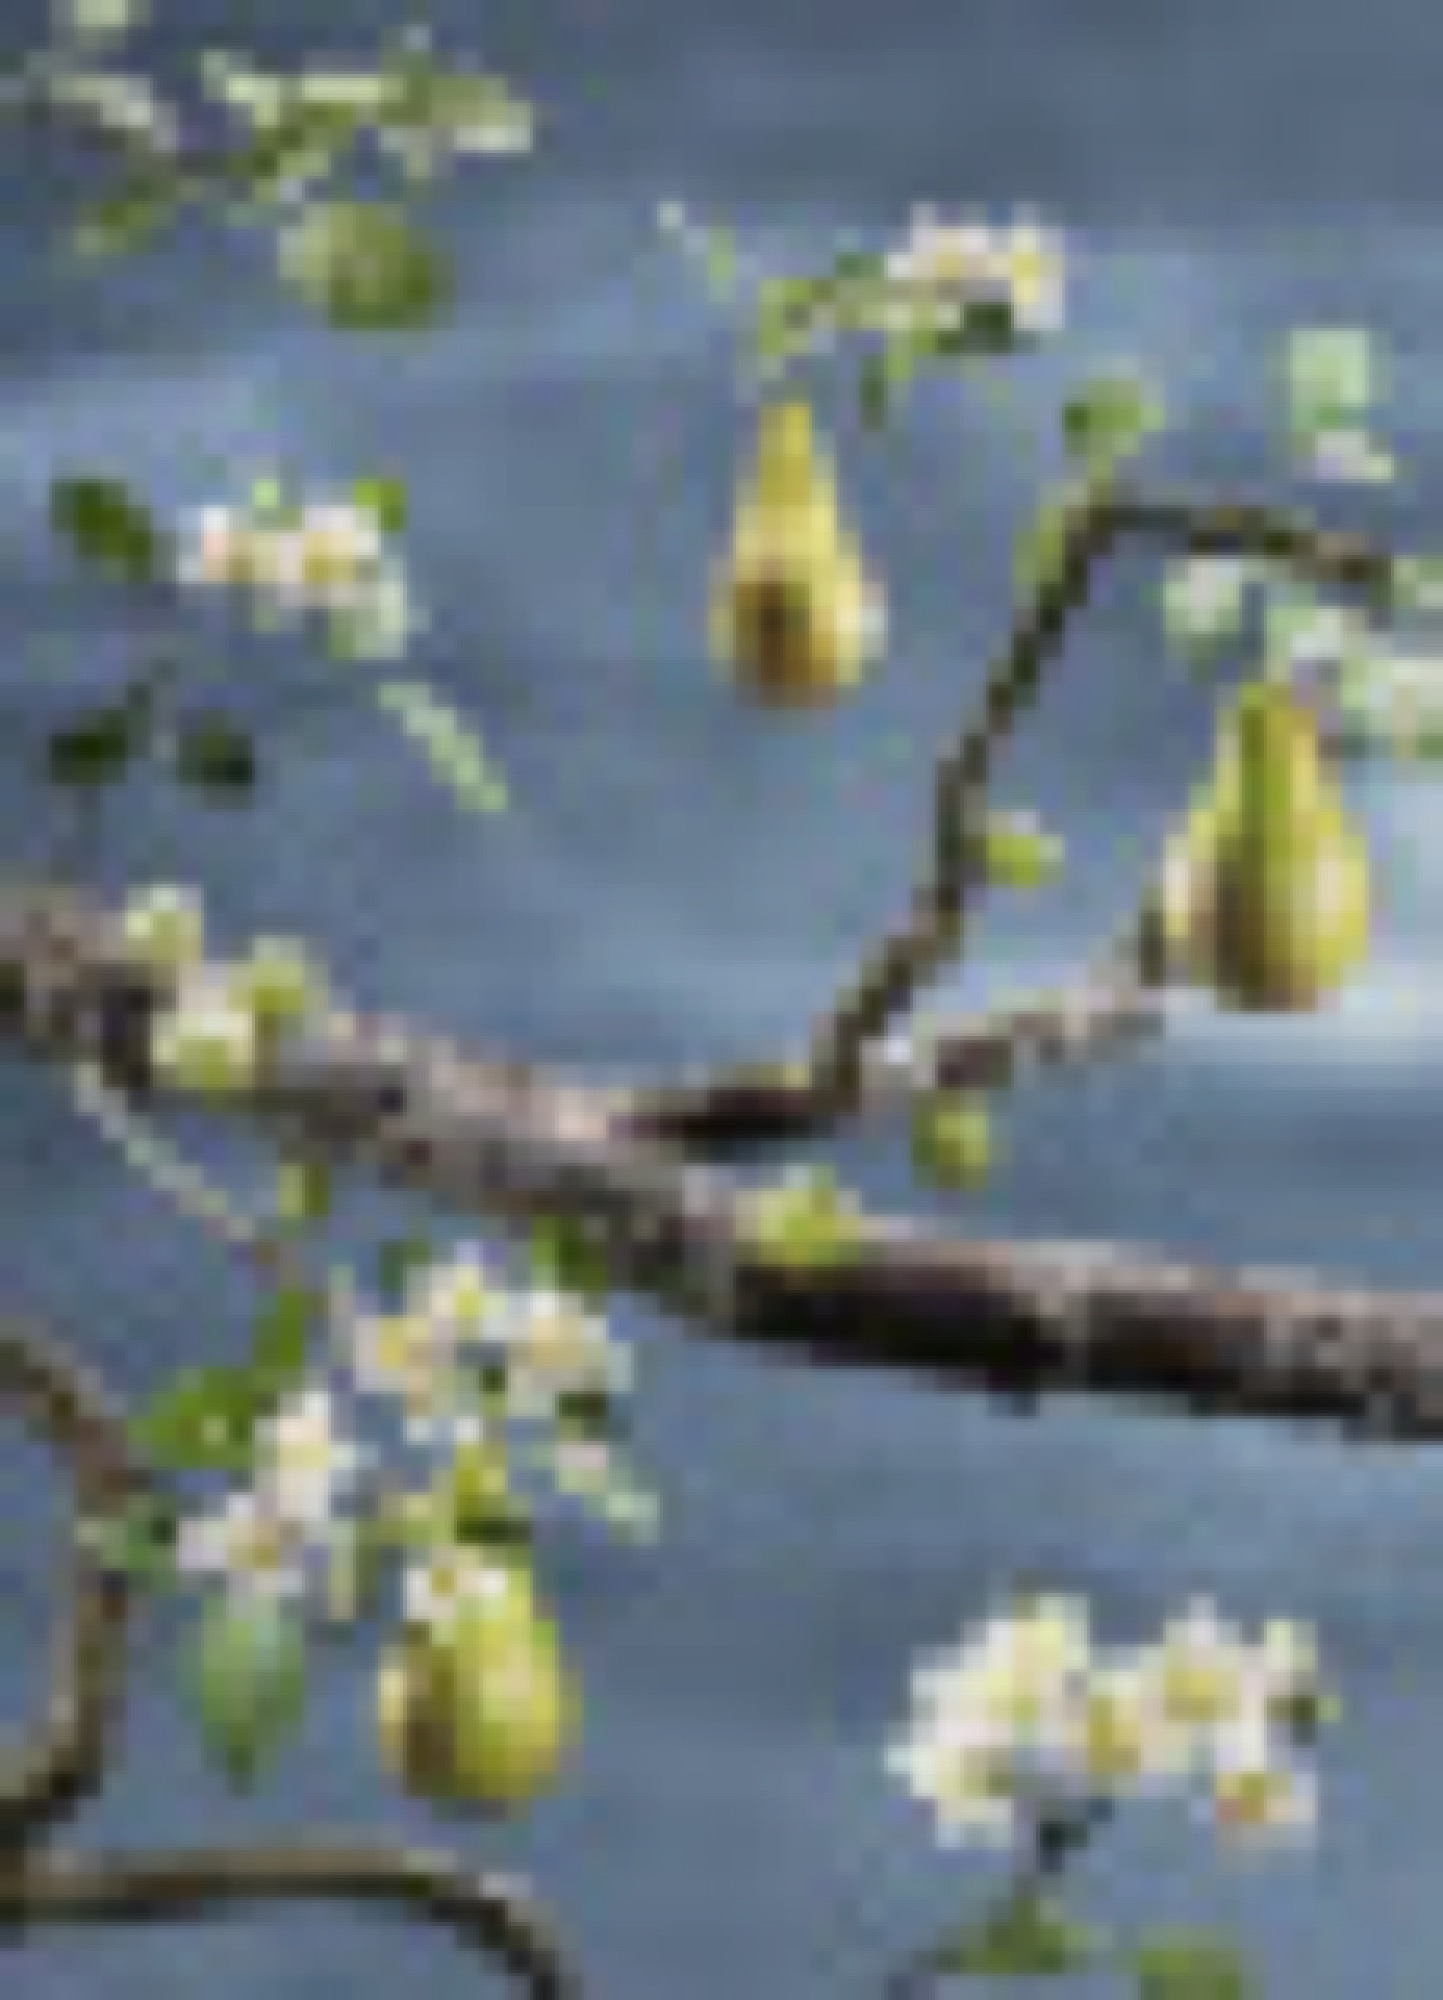 Loka Päron/Krusbär